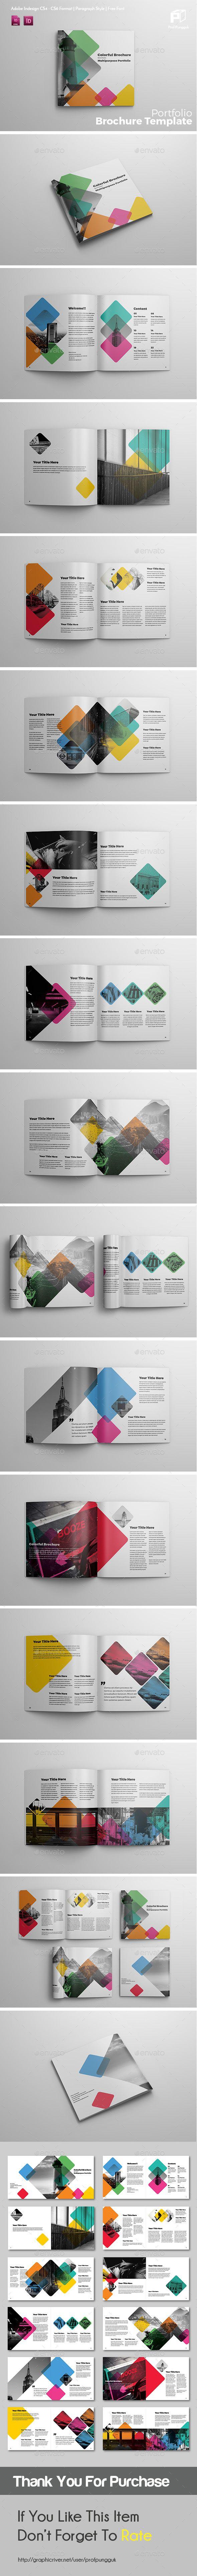 Square Brochure Vol.4 | Inspiración y Ideas